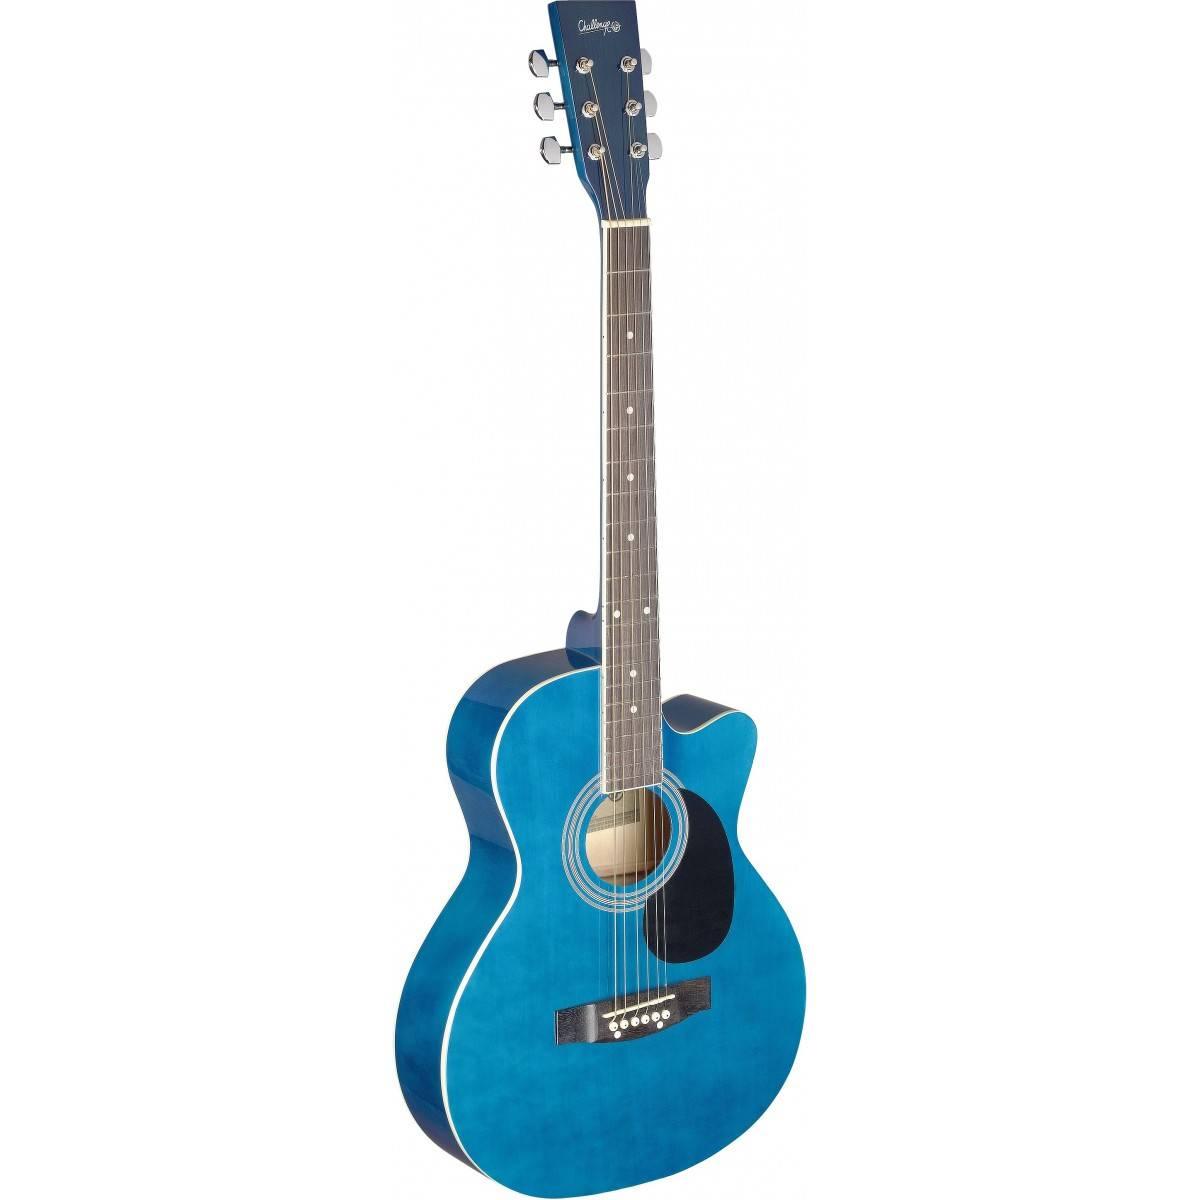 Guitare Folk Acoustique Bleu